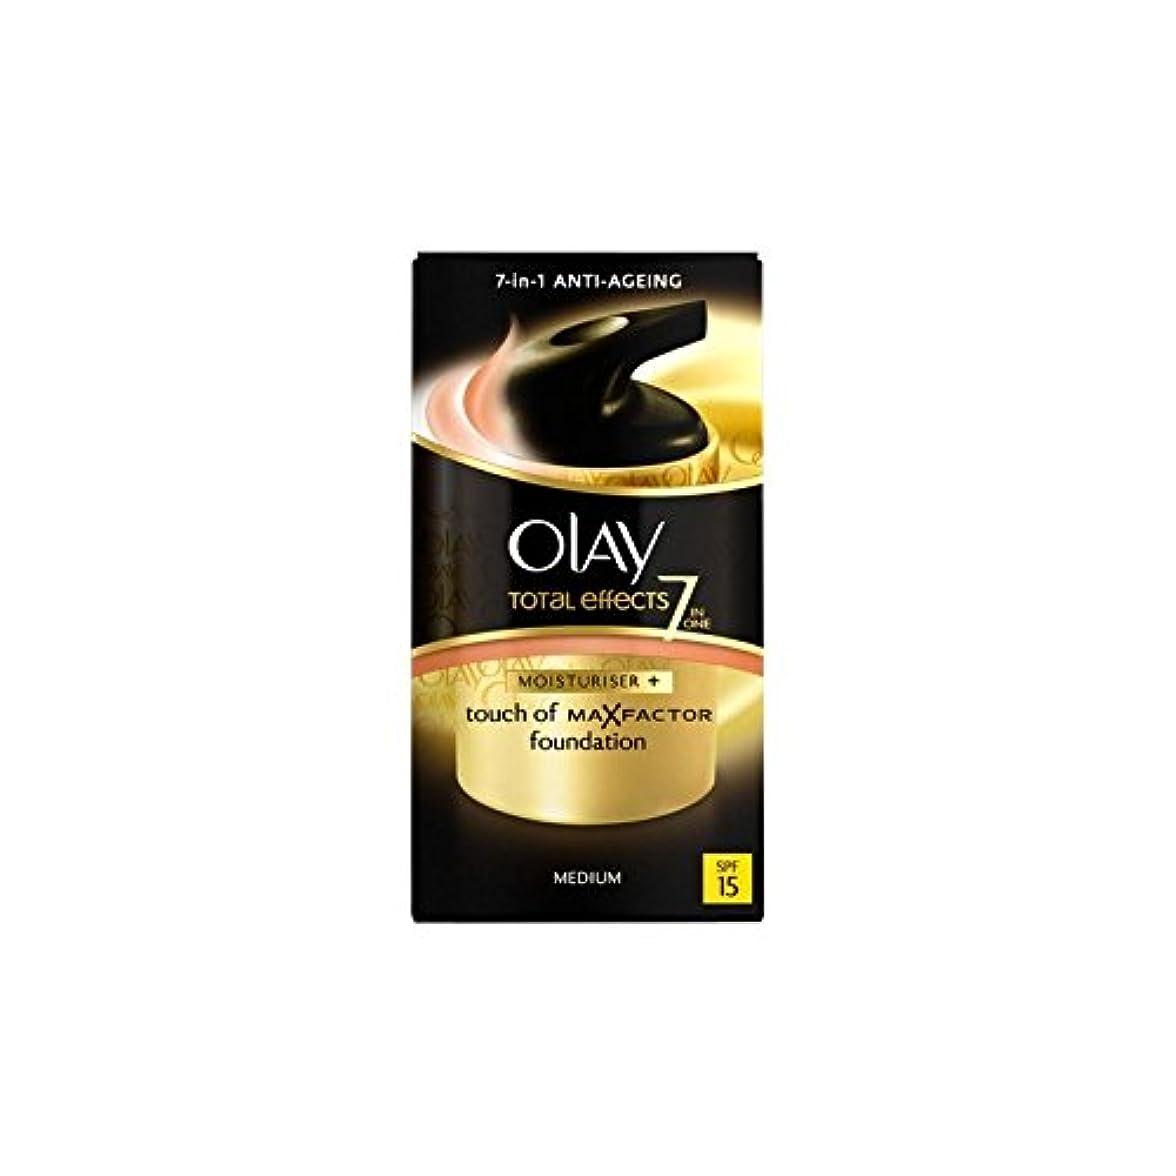 咳面遠征オーレイトータルエフェクト保湿クリーム15 - 培地(50ミリリットル) x4 - Olay Total Effects Moisturiser Bb Cream Spf15 - Medium (50ml) (Pack...